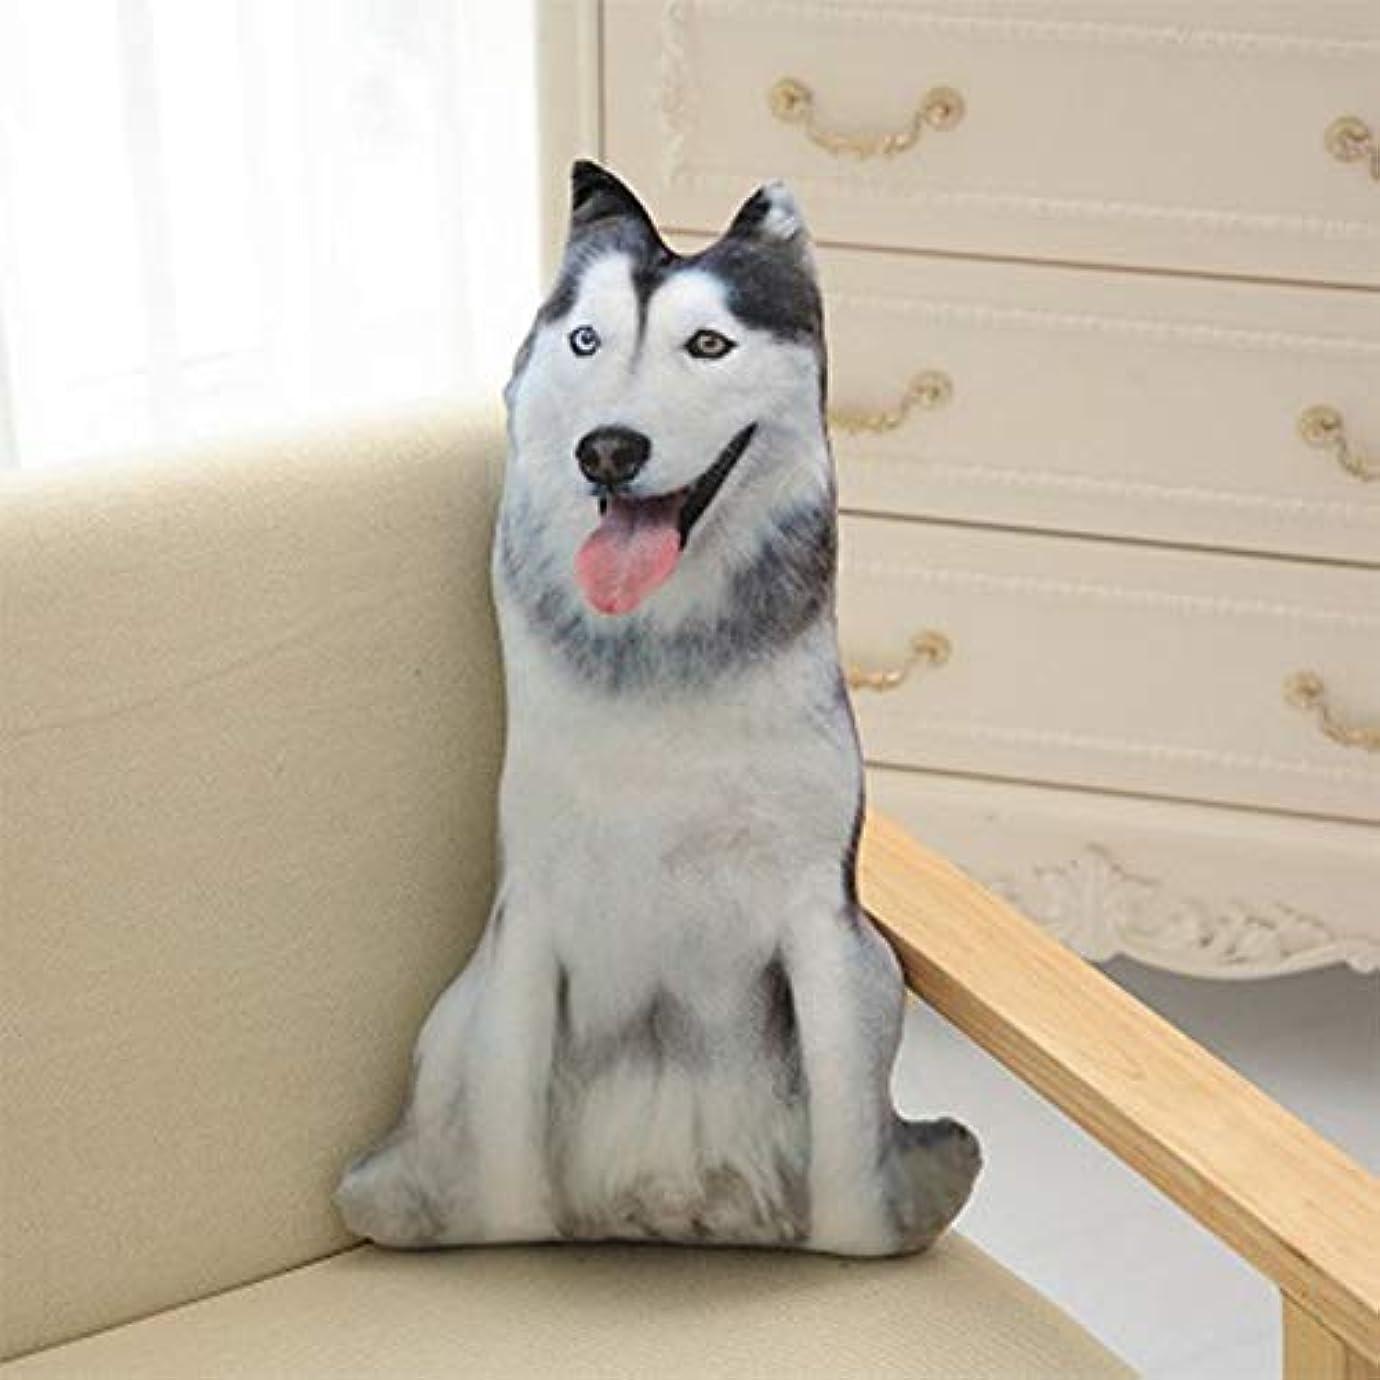 つま先娯楽つぶすLIFE 3D プリントシミュレーション犬ぬいぐるみクッションぬいぐるみ犬ぬいぐるみ枕ぬいぐるみの漫画クッションキッズ人形ベストギフト クッション 椅子